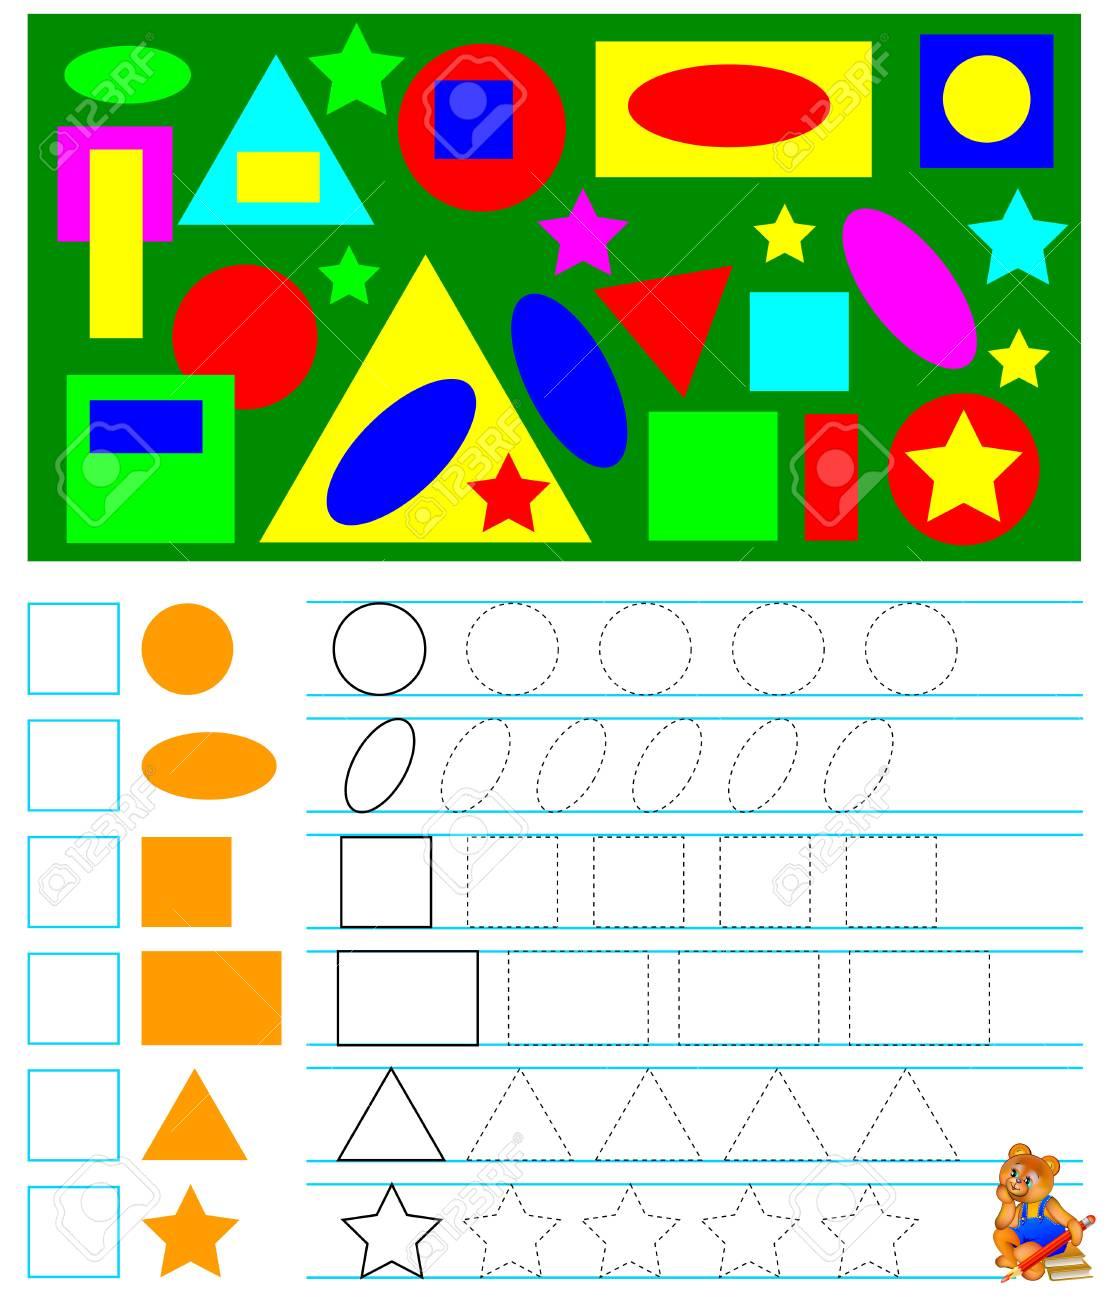 Ejercicios Para Niños Pequeños Necesita Contar Las Figuras Geométricas Y Dibujar Los Números Correspondientes En Cuadrados